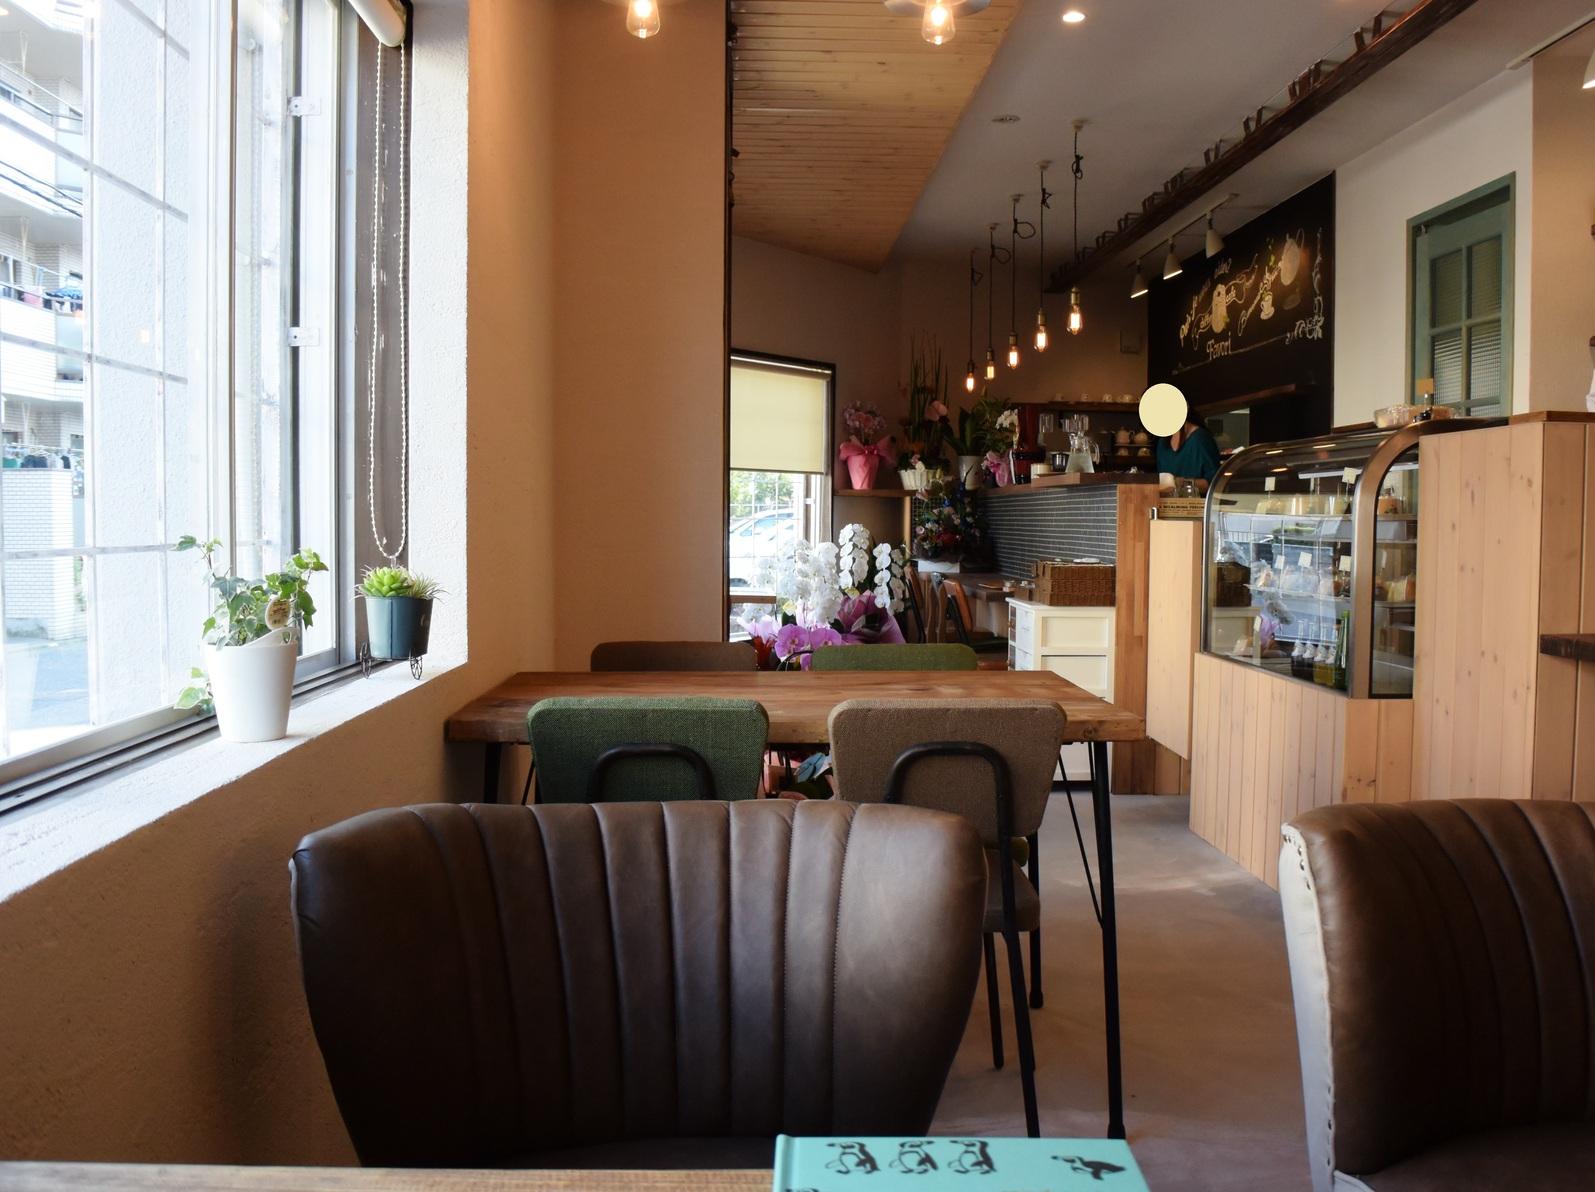 chiffoncafe Favori